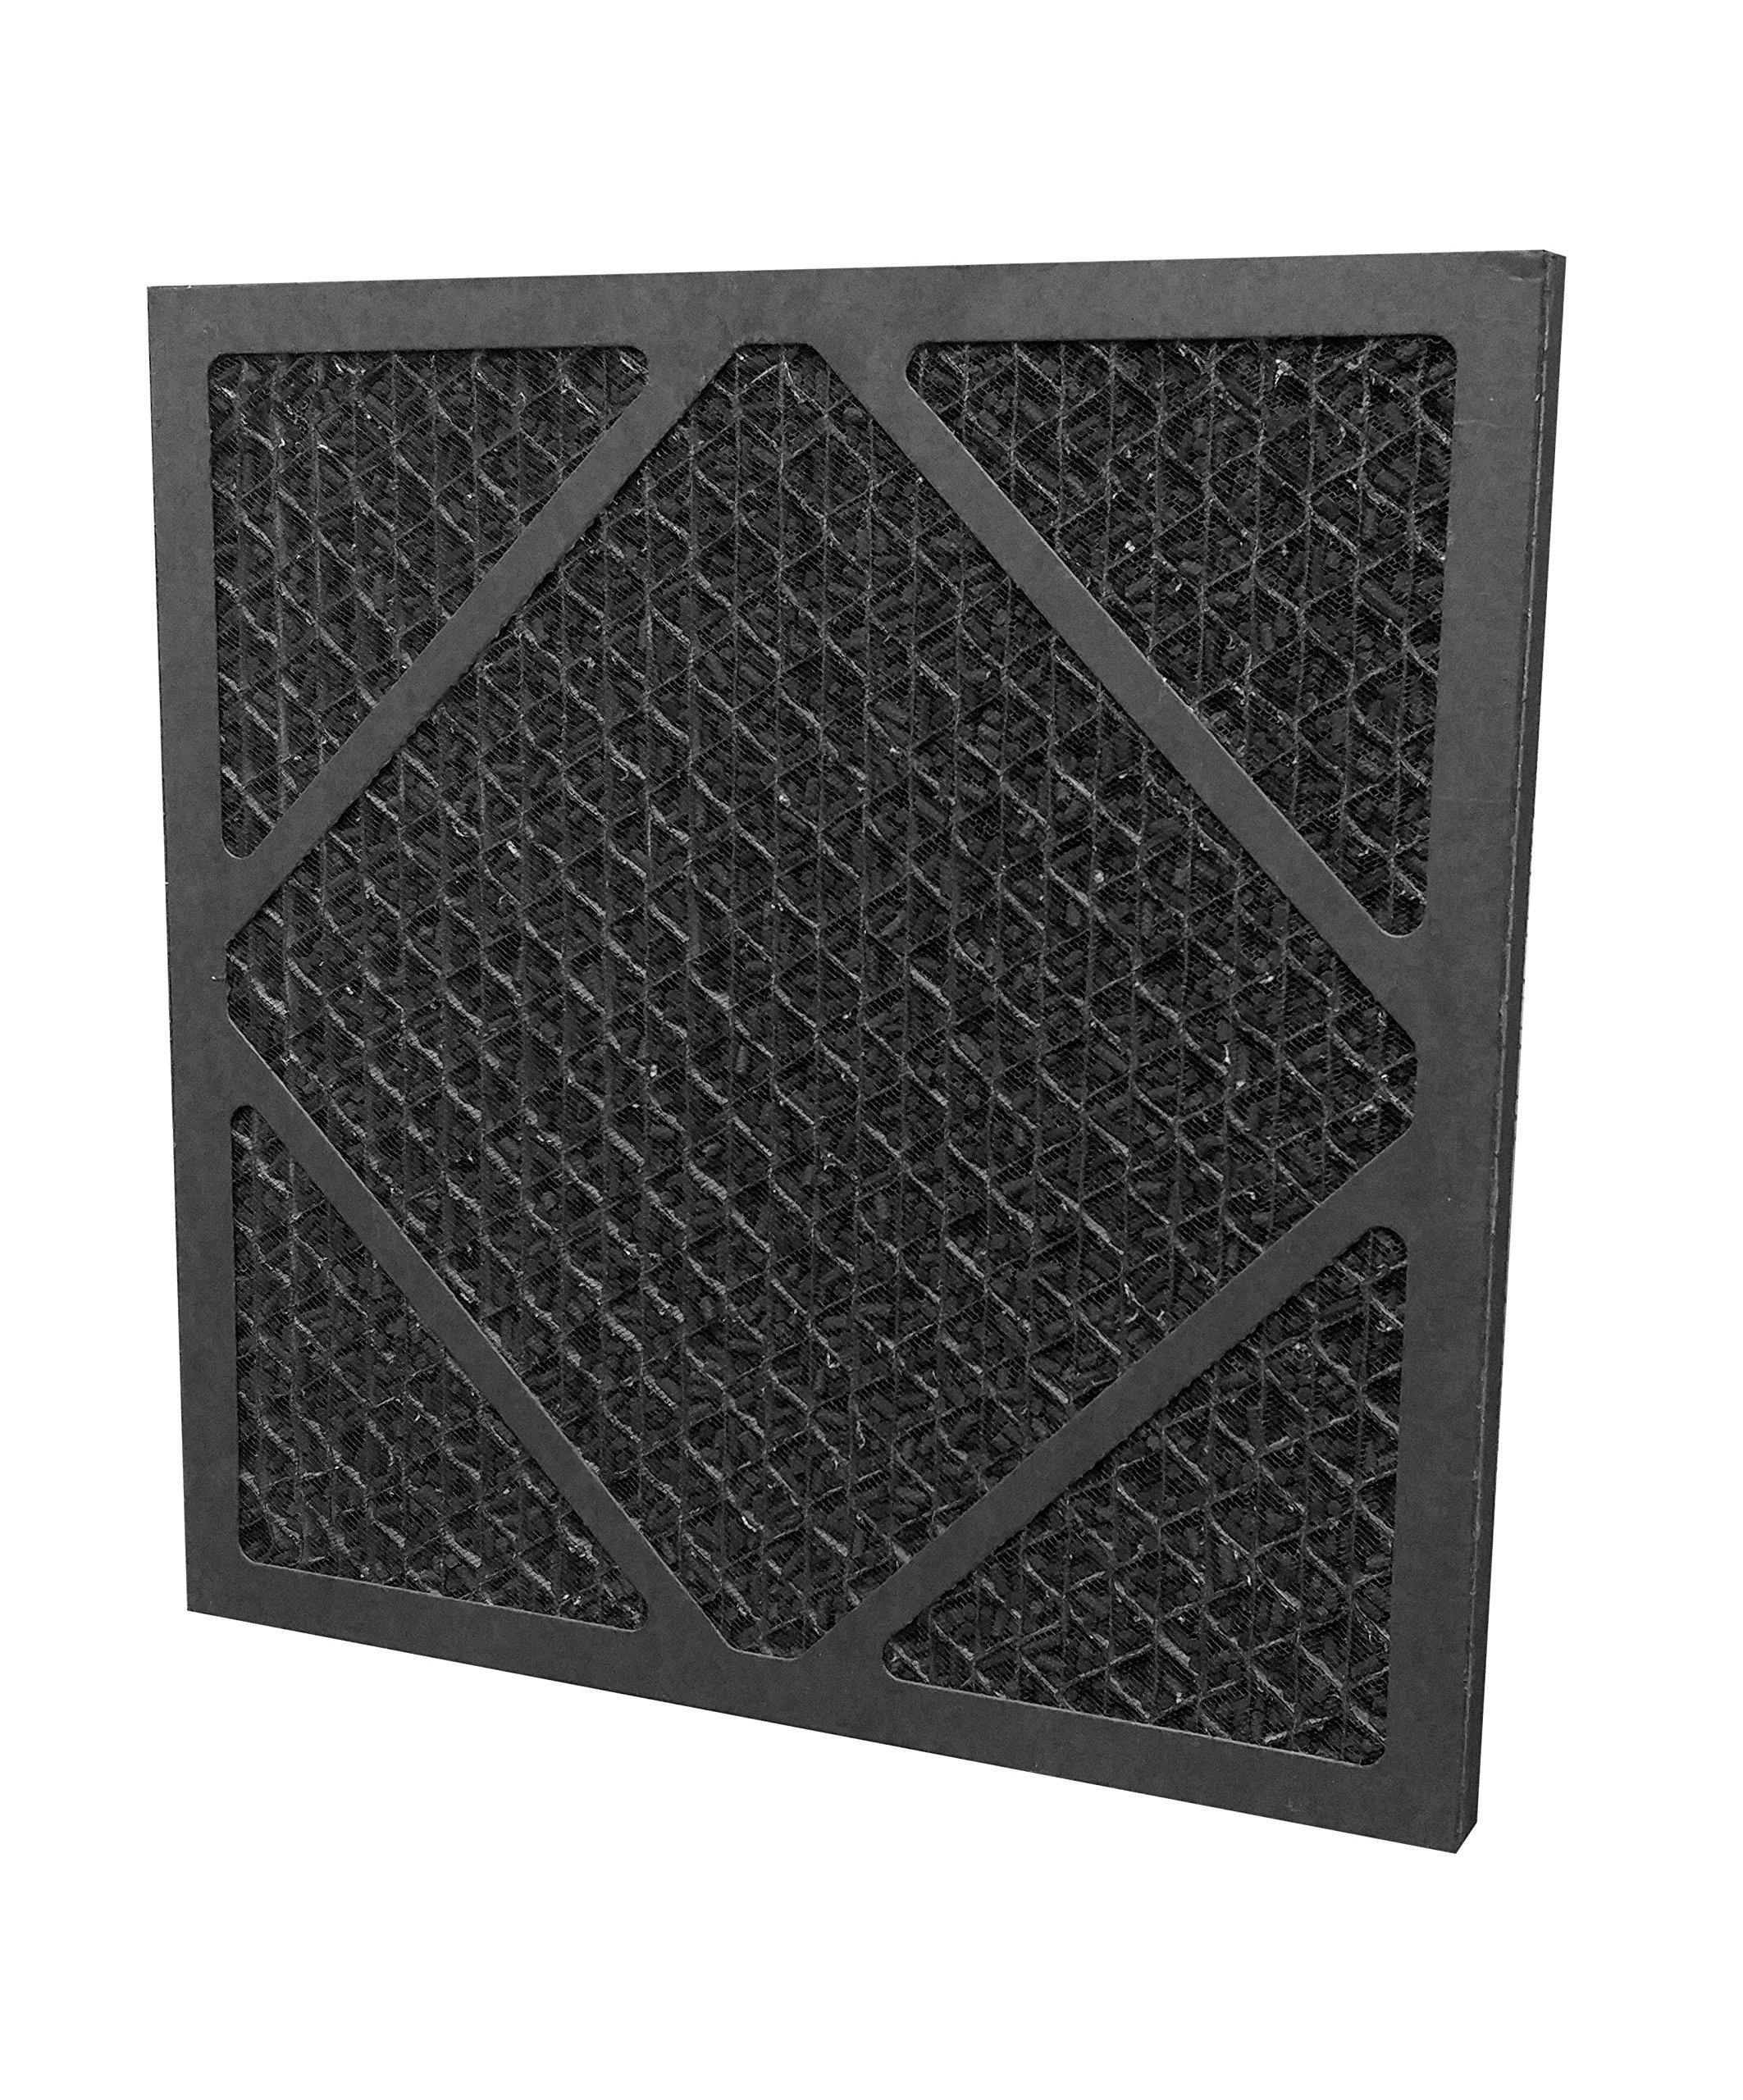 Janitized Dri-Eaz DefendAir Carbon Pre-Filter, 4 Piece by Janitized